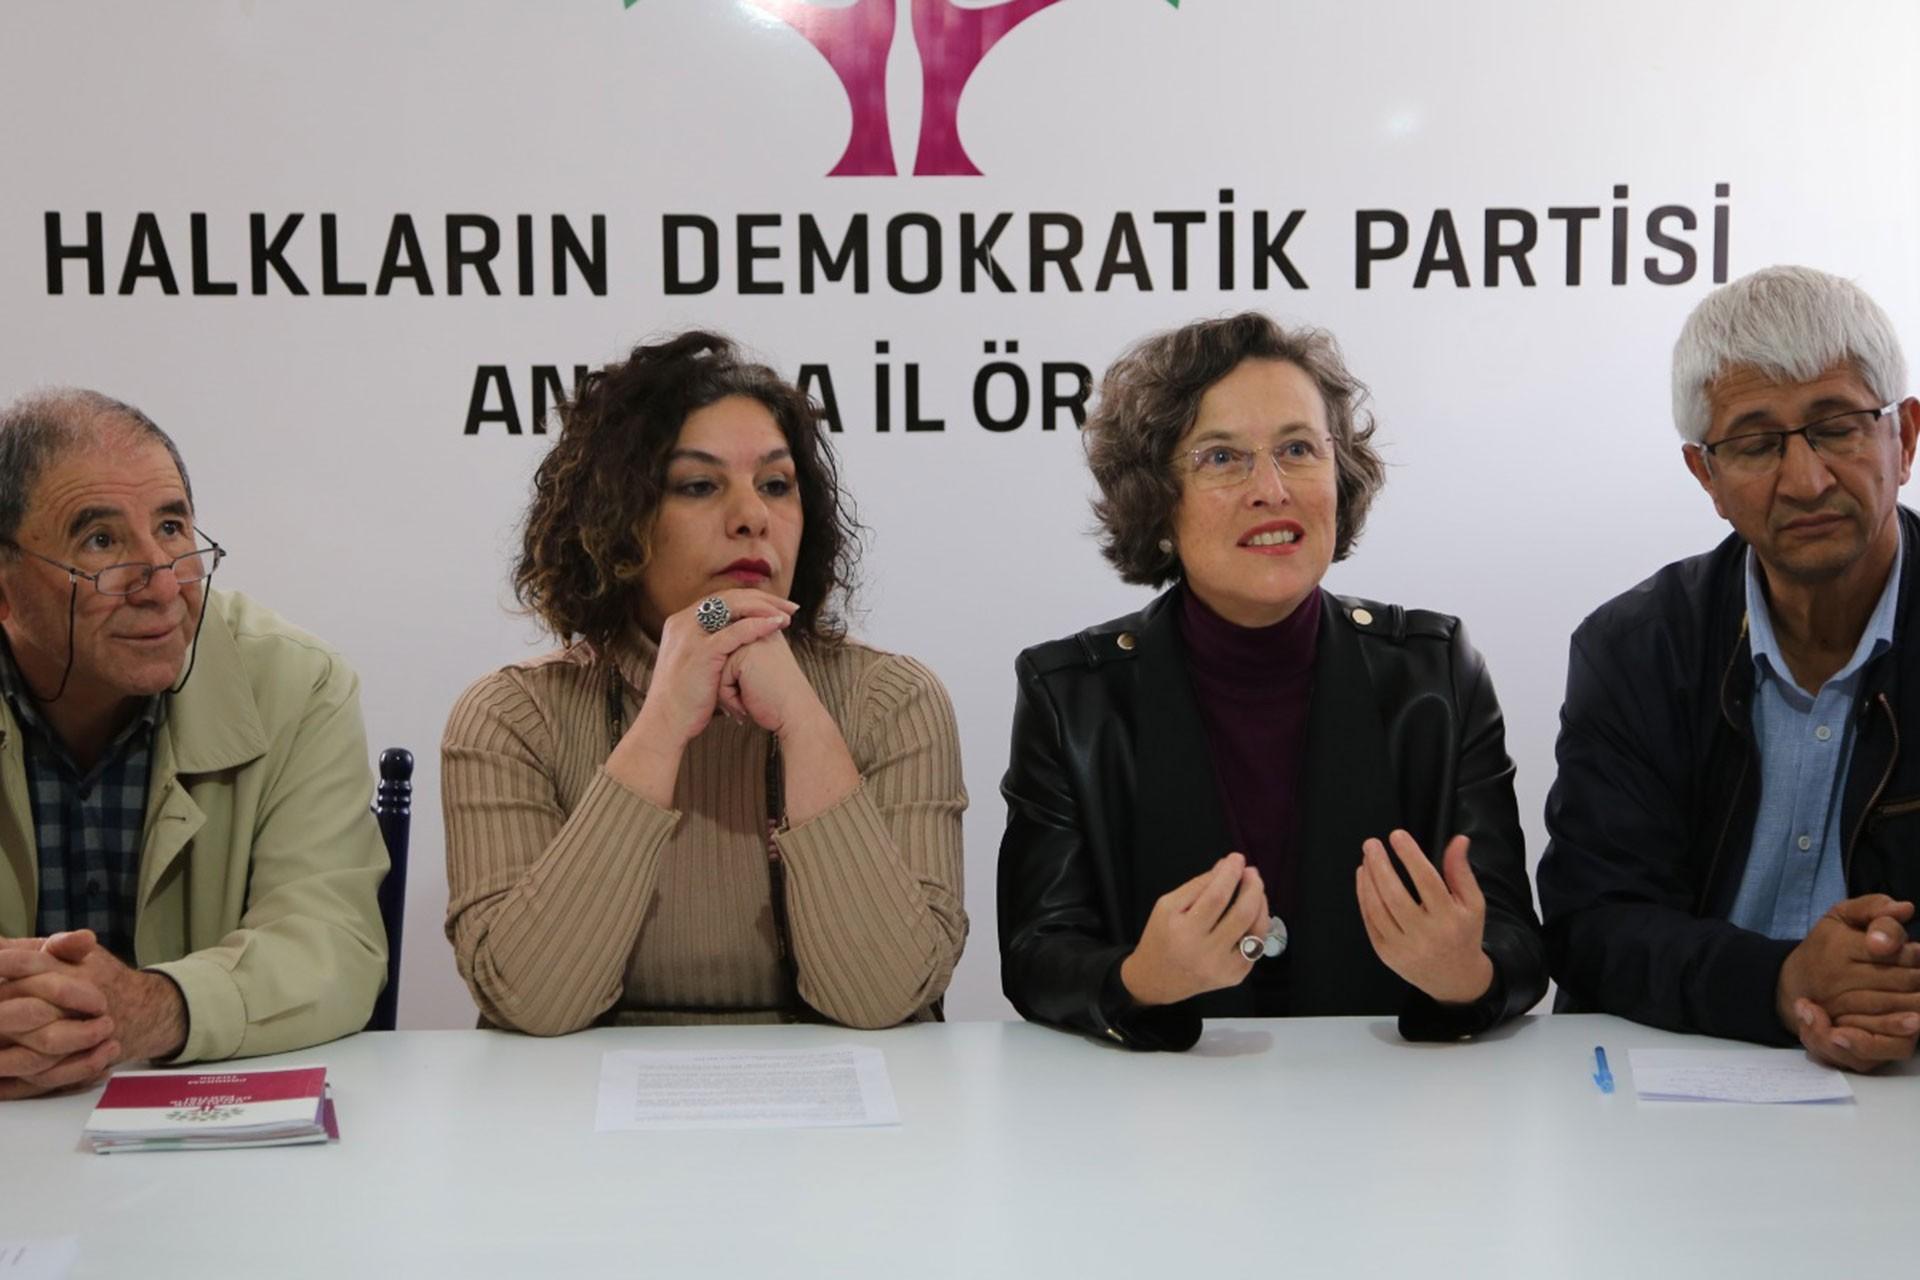 Ankara'da 'demokrasi buluşması'na valilik engeli